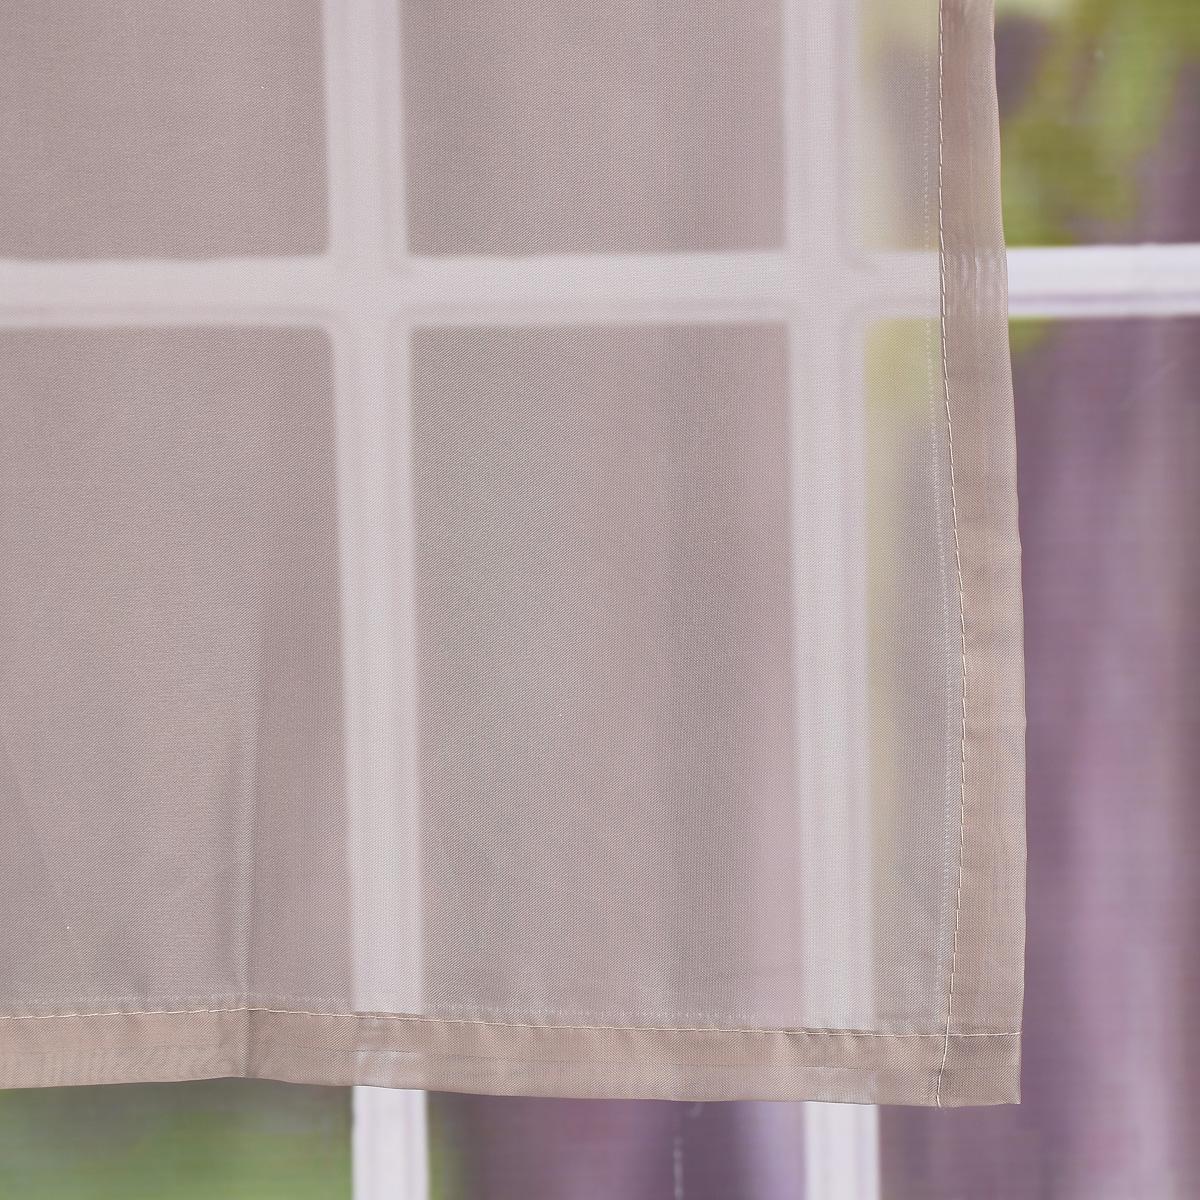 schlaufenschal schlaufenvorhang fertiggardine uni voile. Black Bedroom Furniture Sets. Home Design Ideas